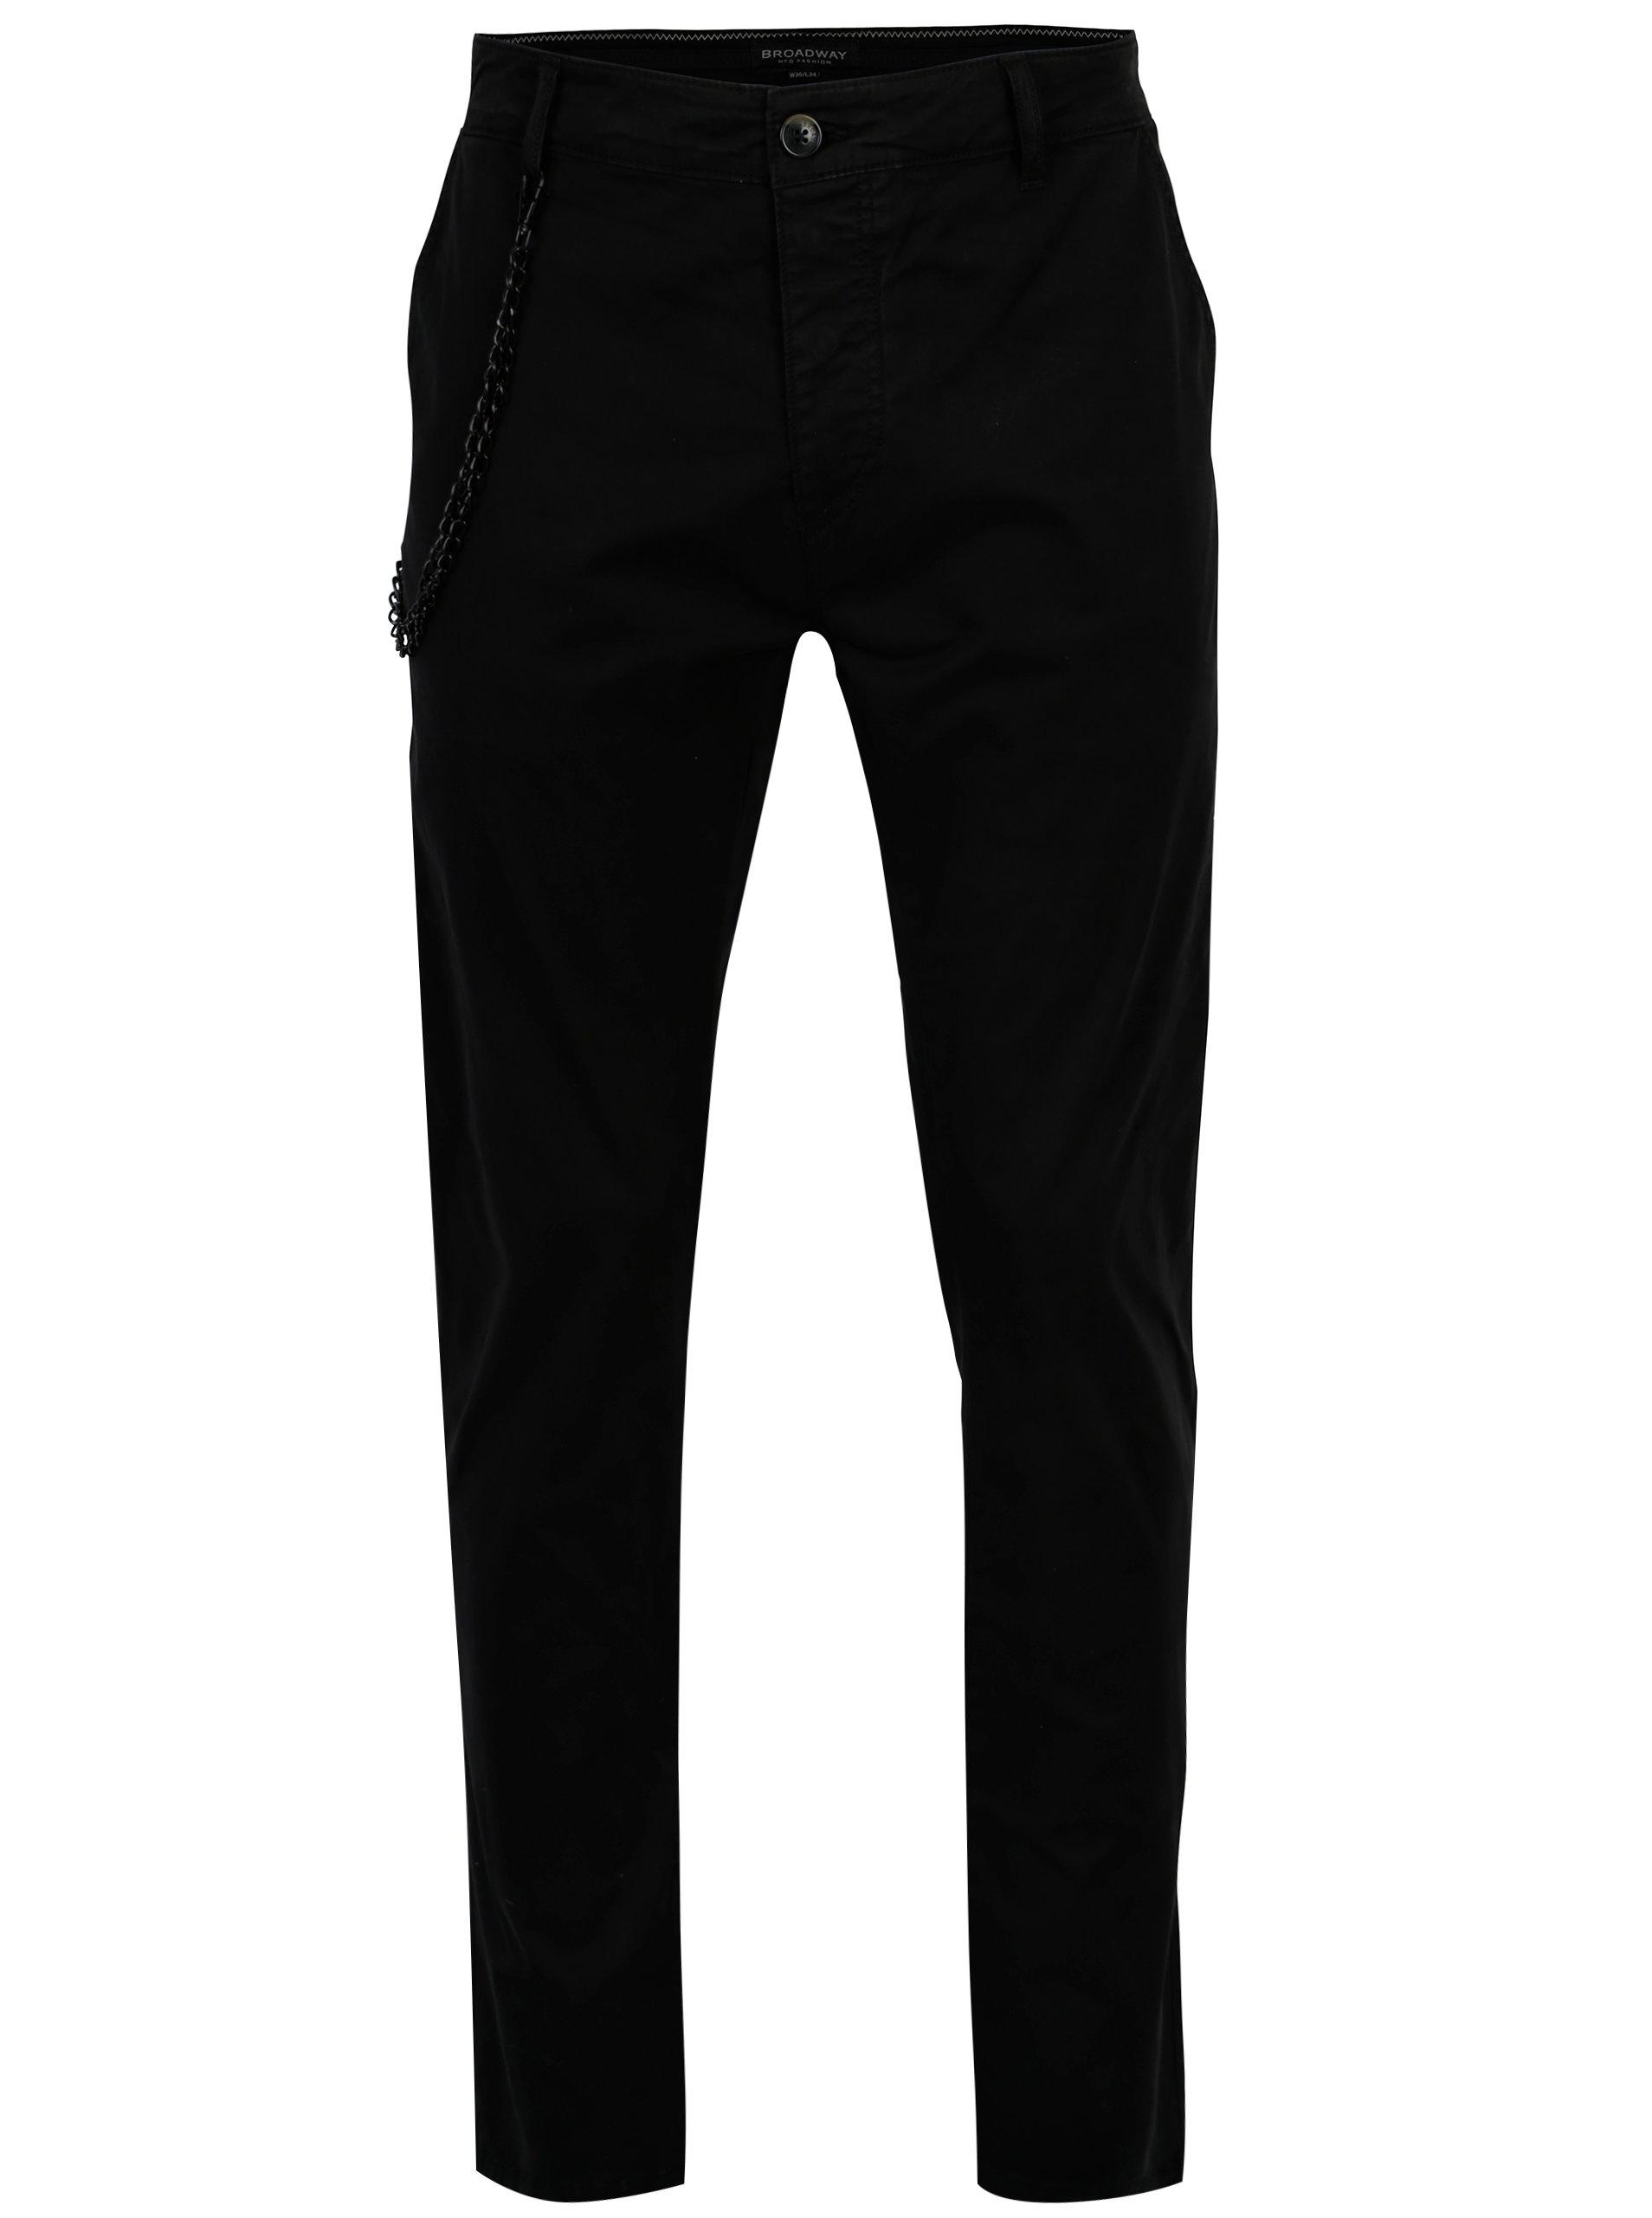 Fotografie Černé pánské kalhoty s řetězem Broadway